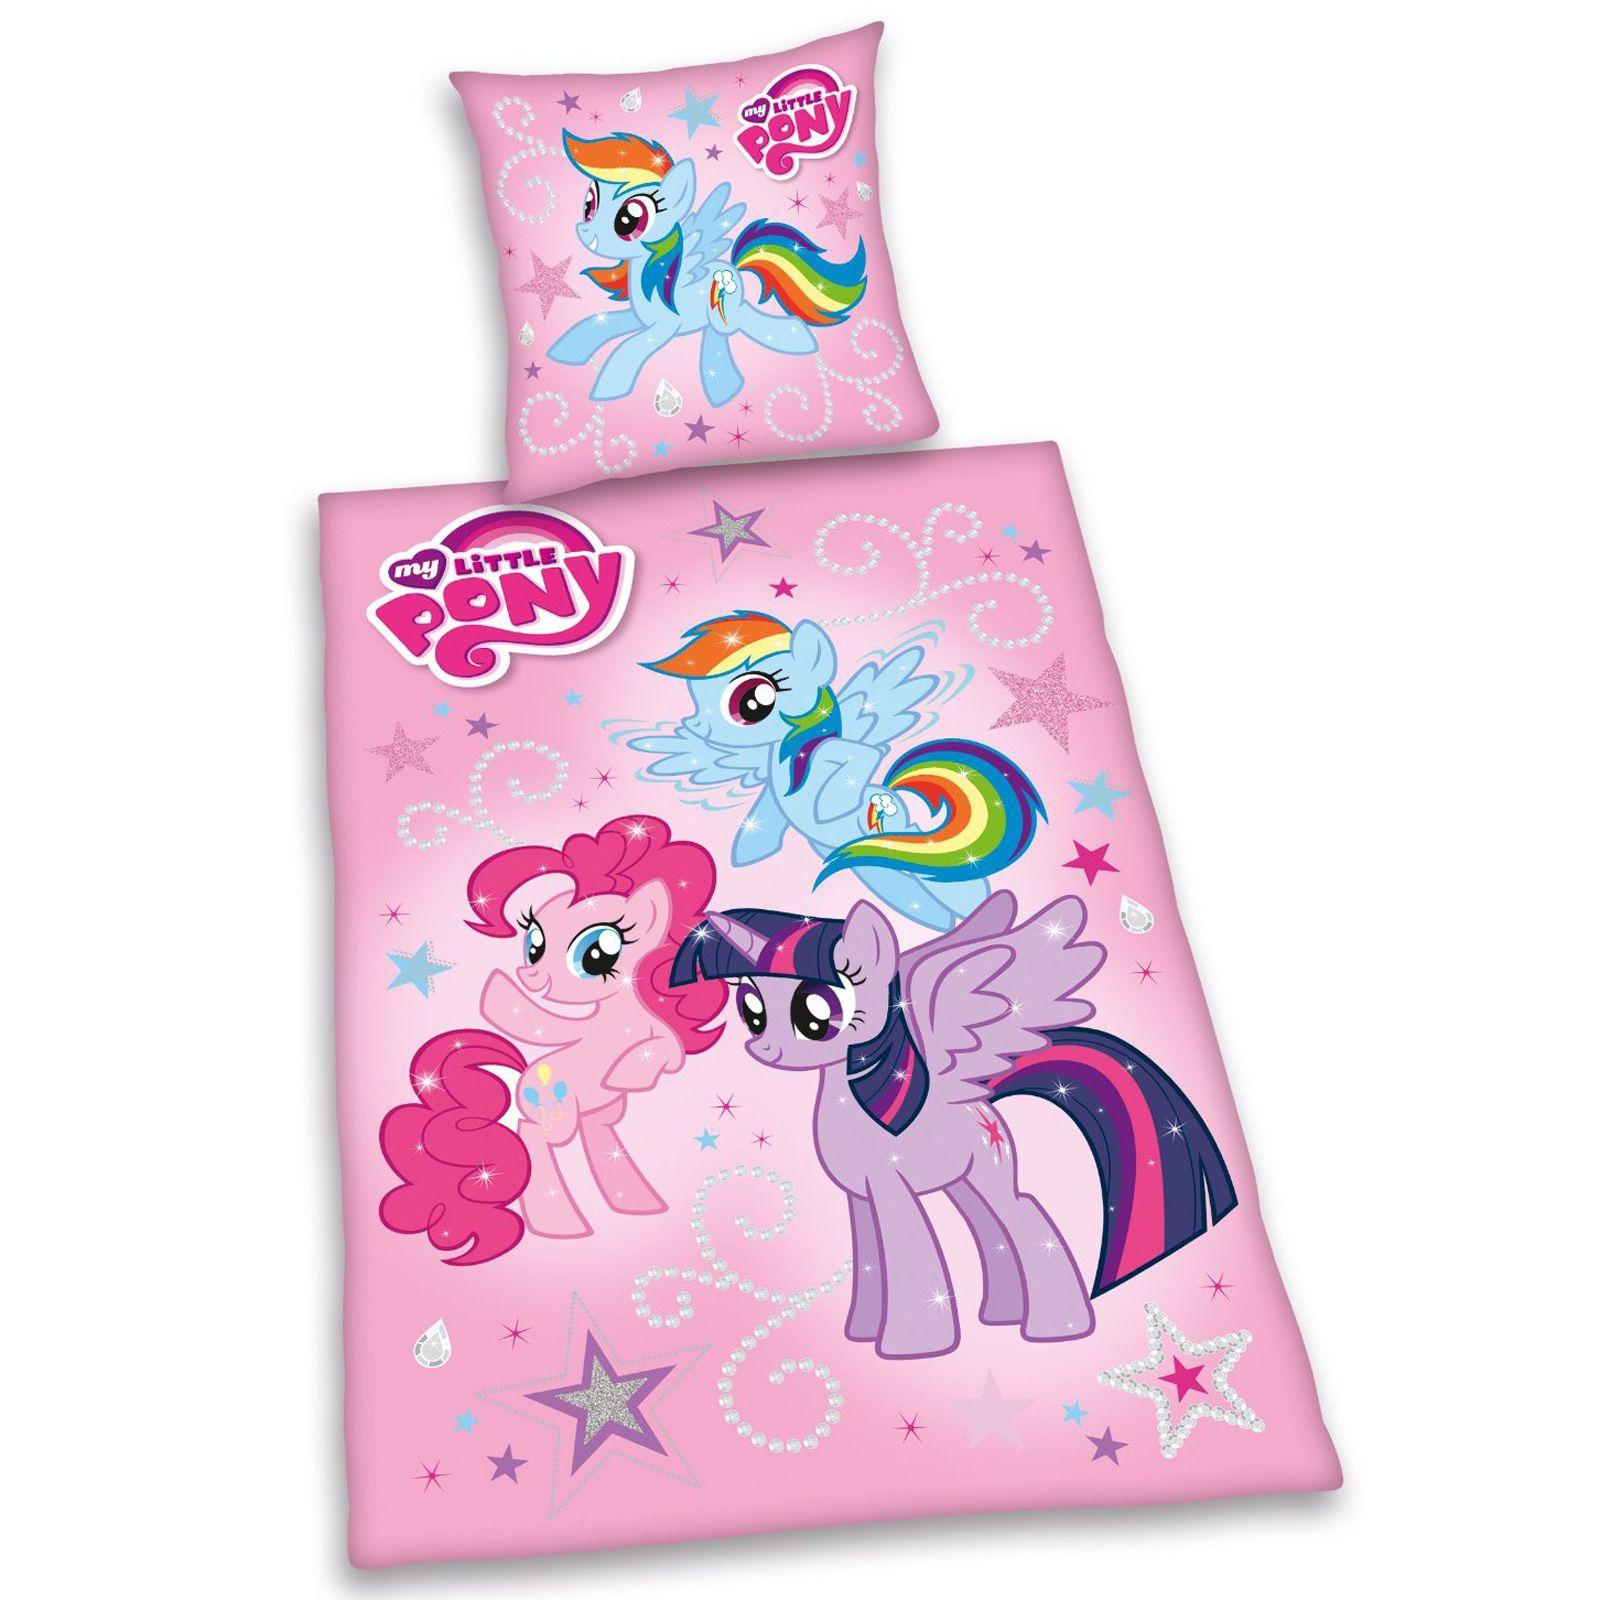 MY LITTLE PONY SINGLE DUVET COVER SETS GIRLS BEDROOM BEDDING ...